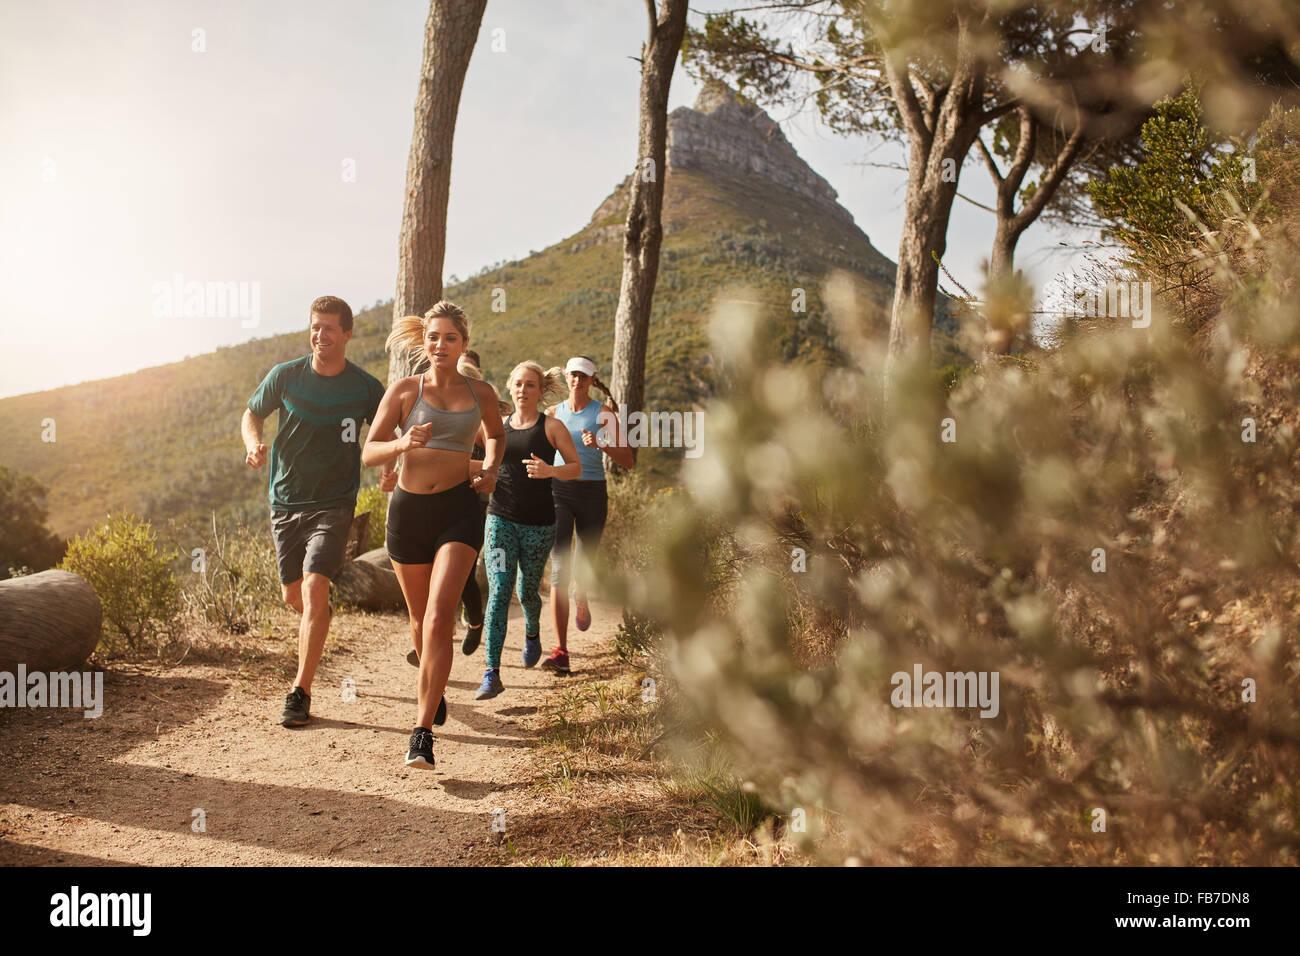 Groupe de jeunes adultes et de course ensemble dans les sentiers à flanc de colline à l'extérieur Photo Stock